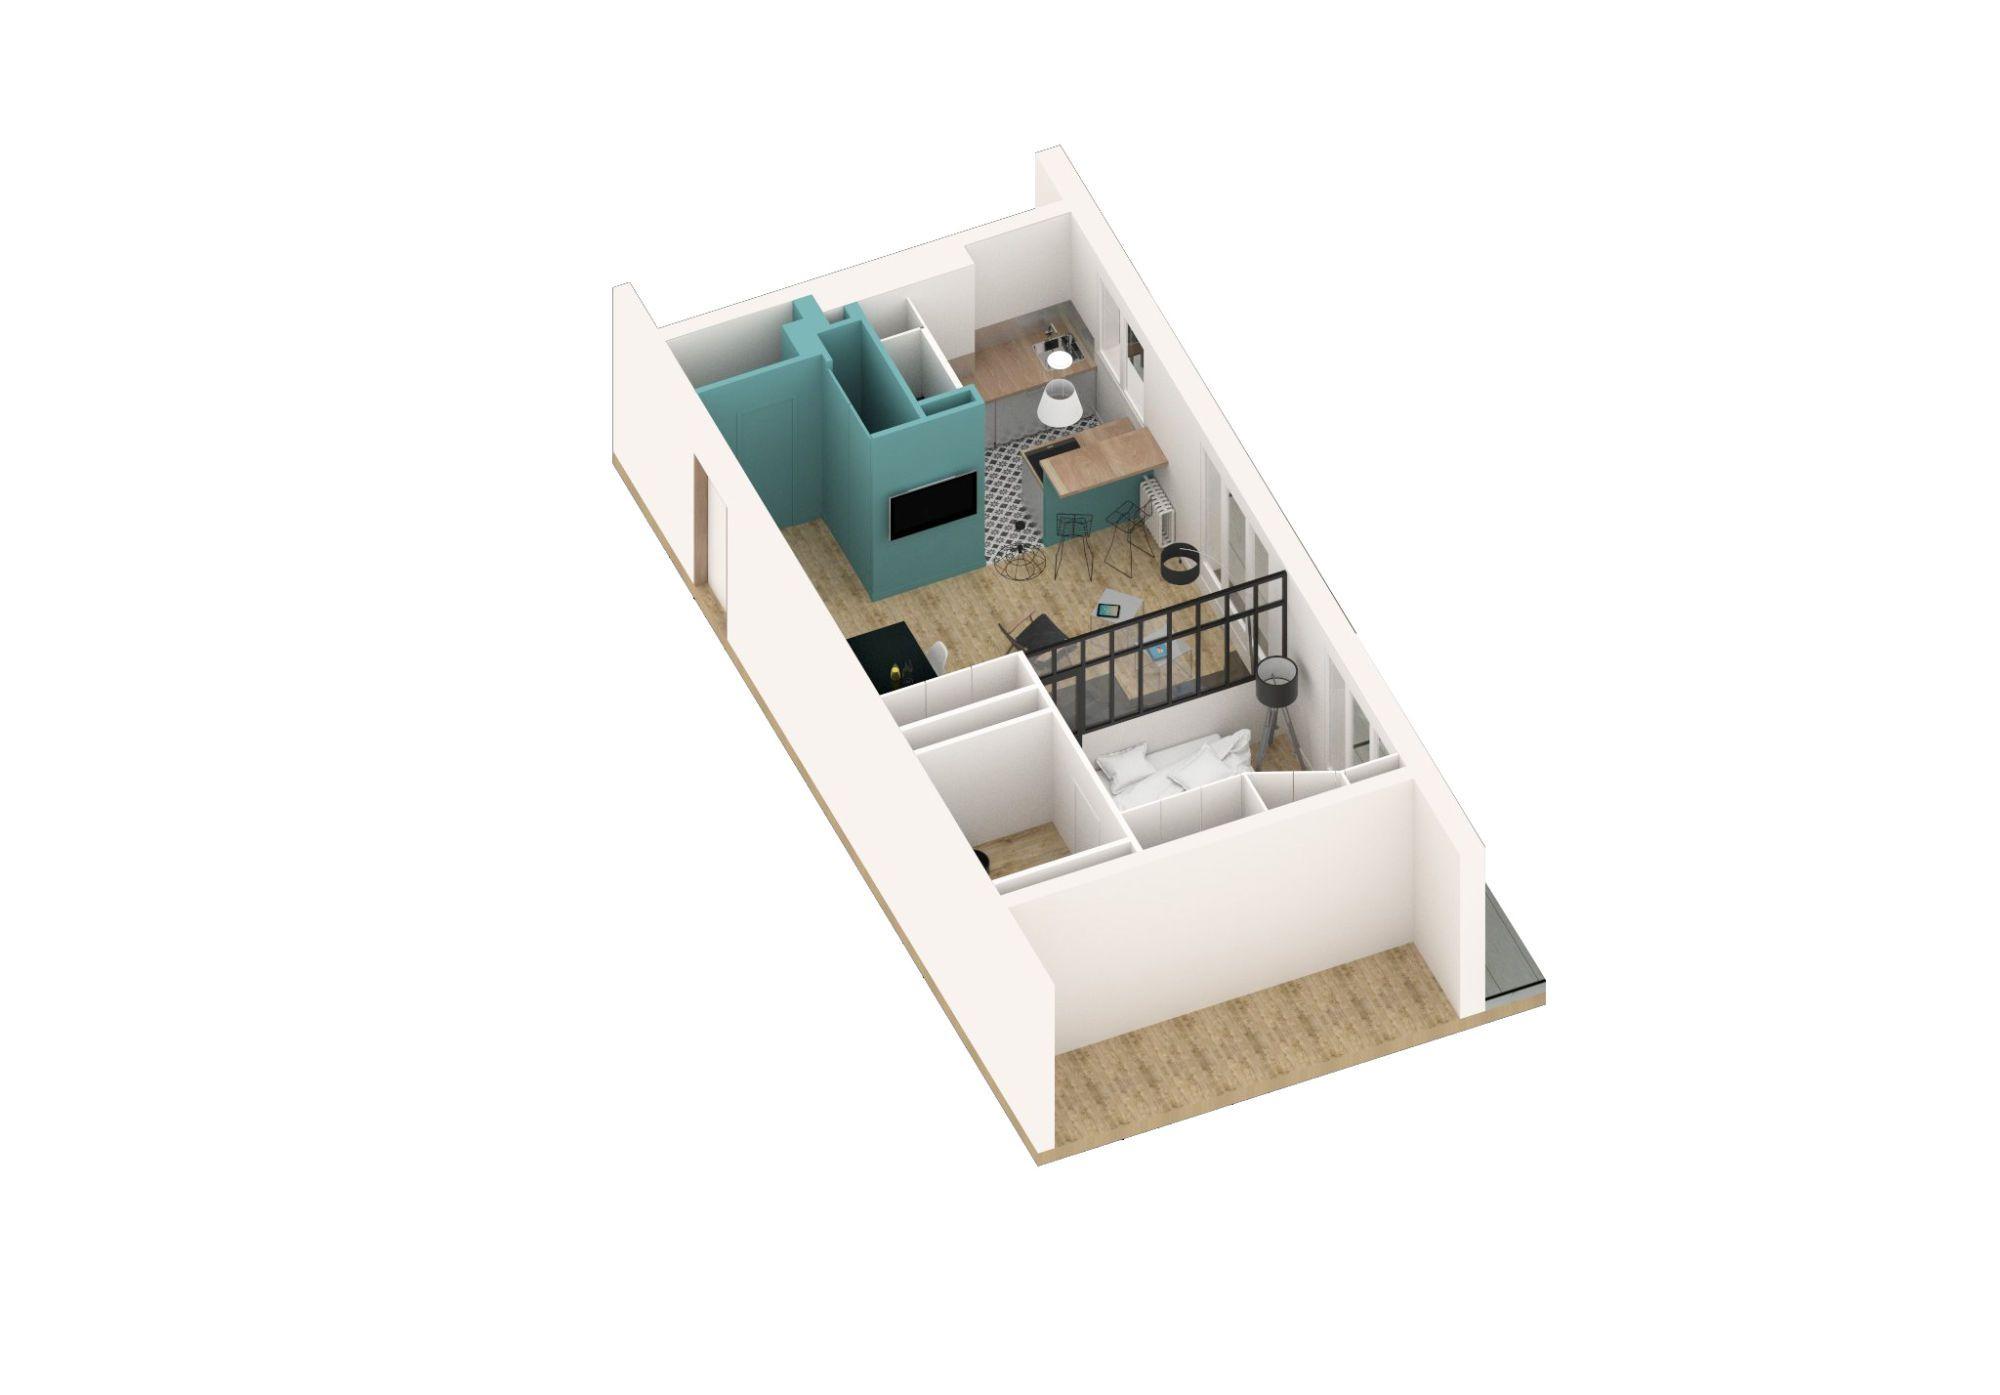 Maquette montant l'aménagement de l'appartement et particulièrement la pièce à vivre